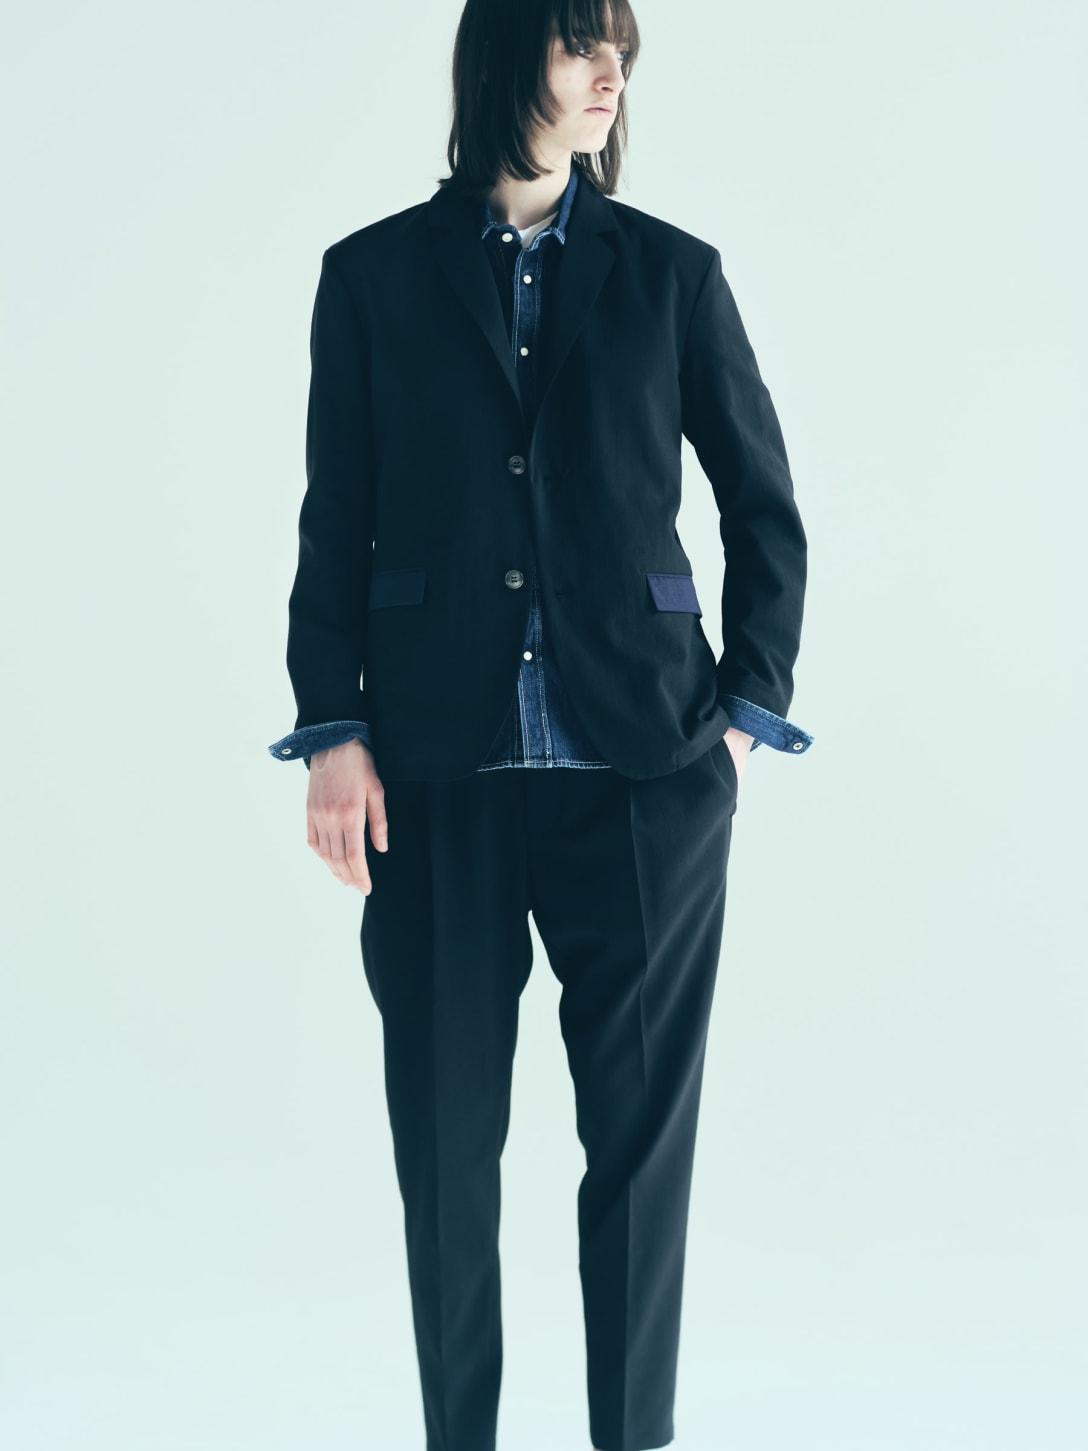 中村さんが着用したセットアップの色違い